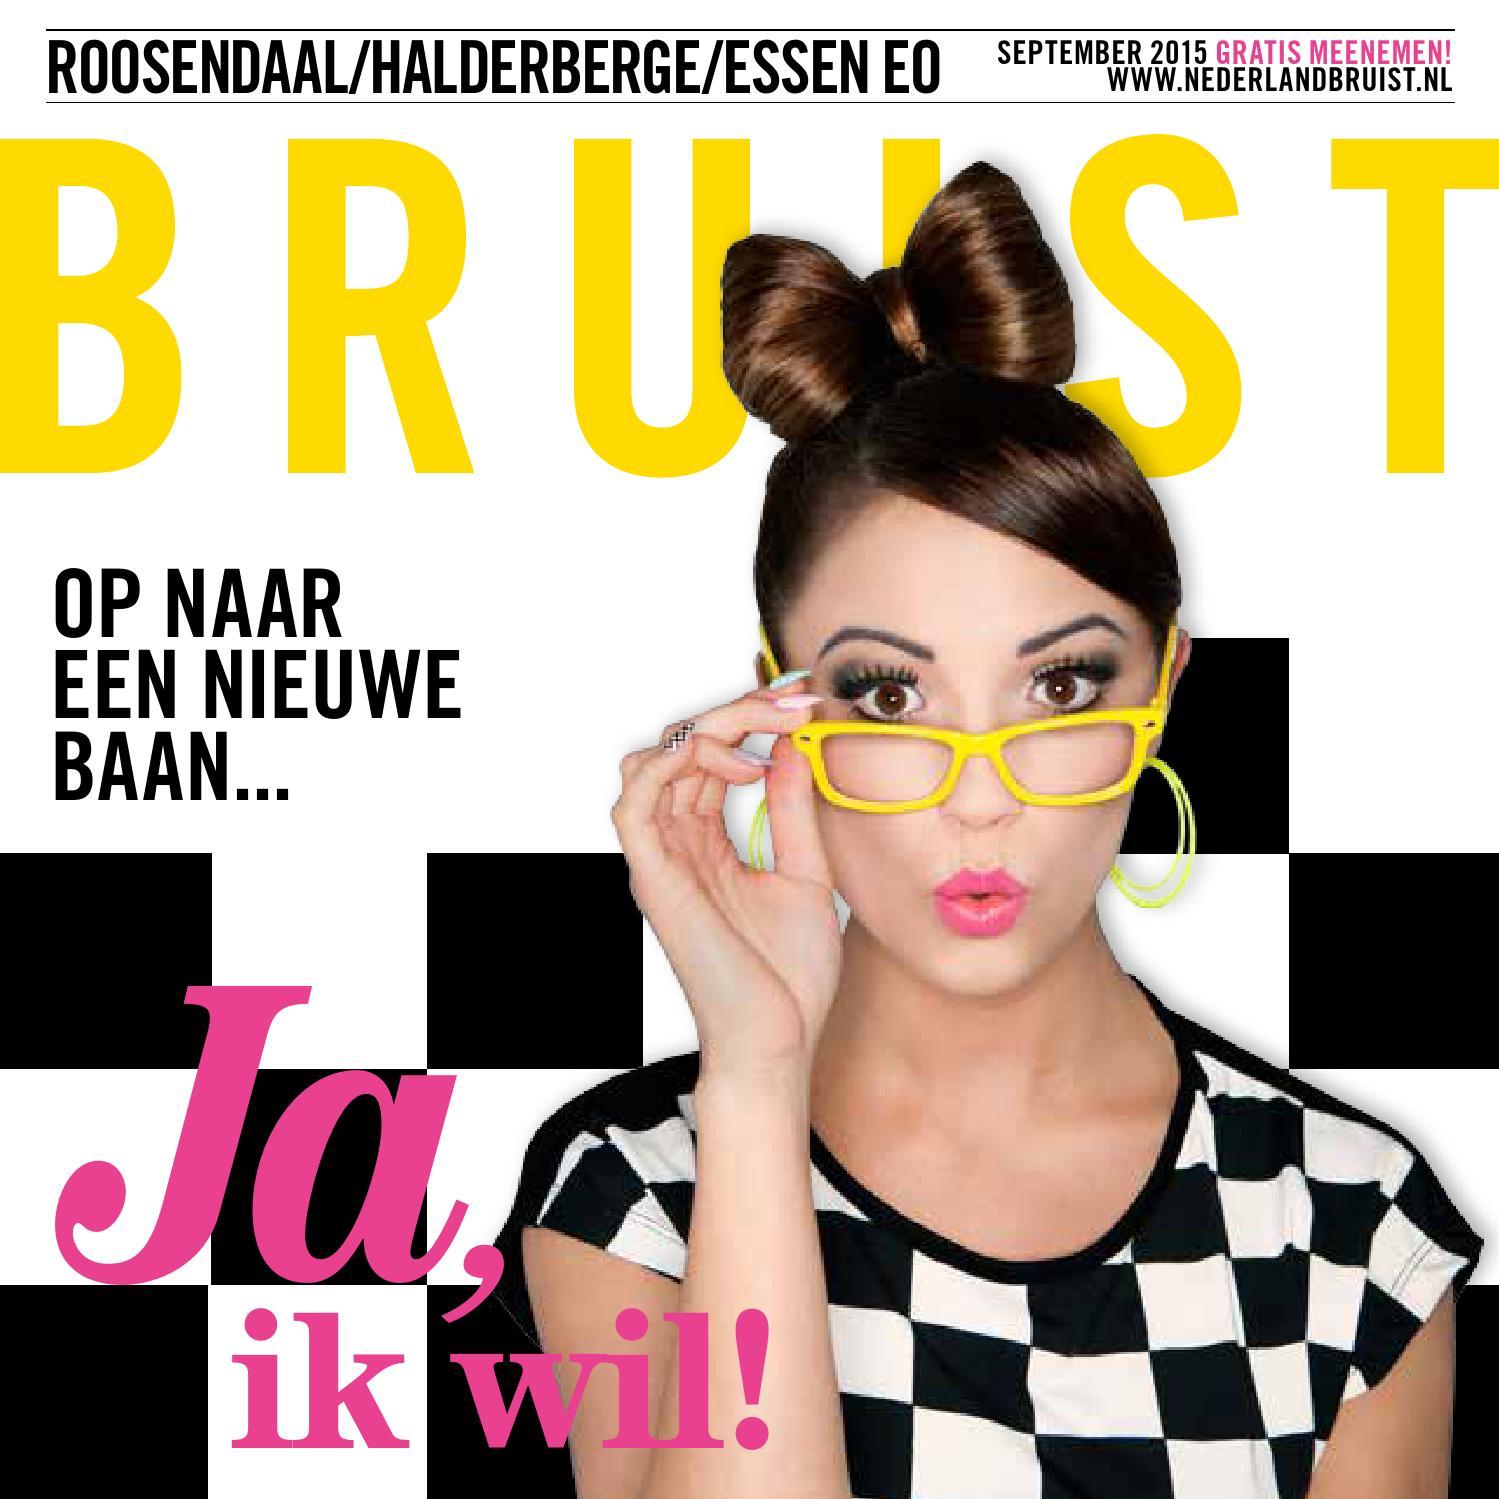 2015 09 Roosendaal By Nederland Bruist Issuu